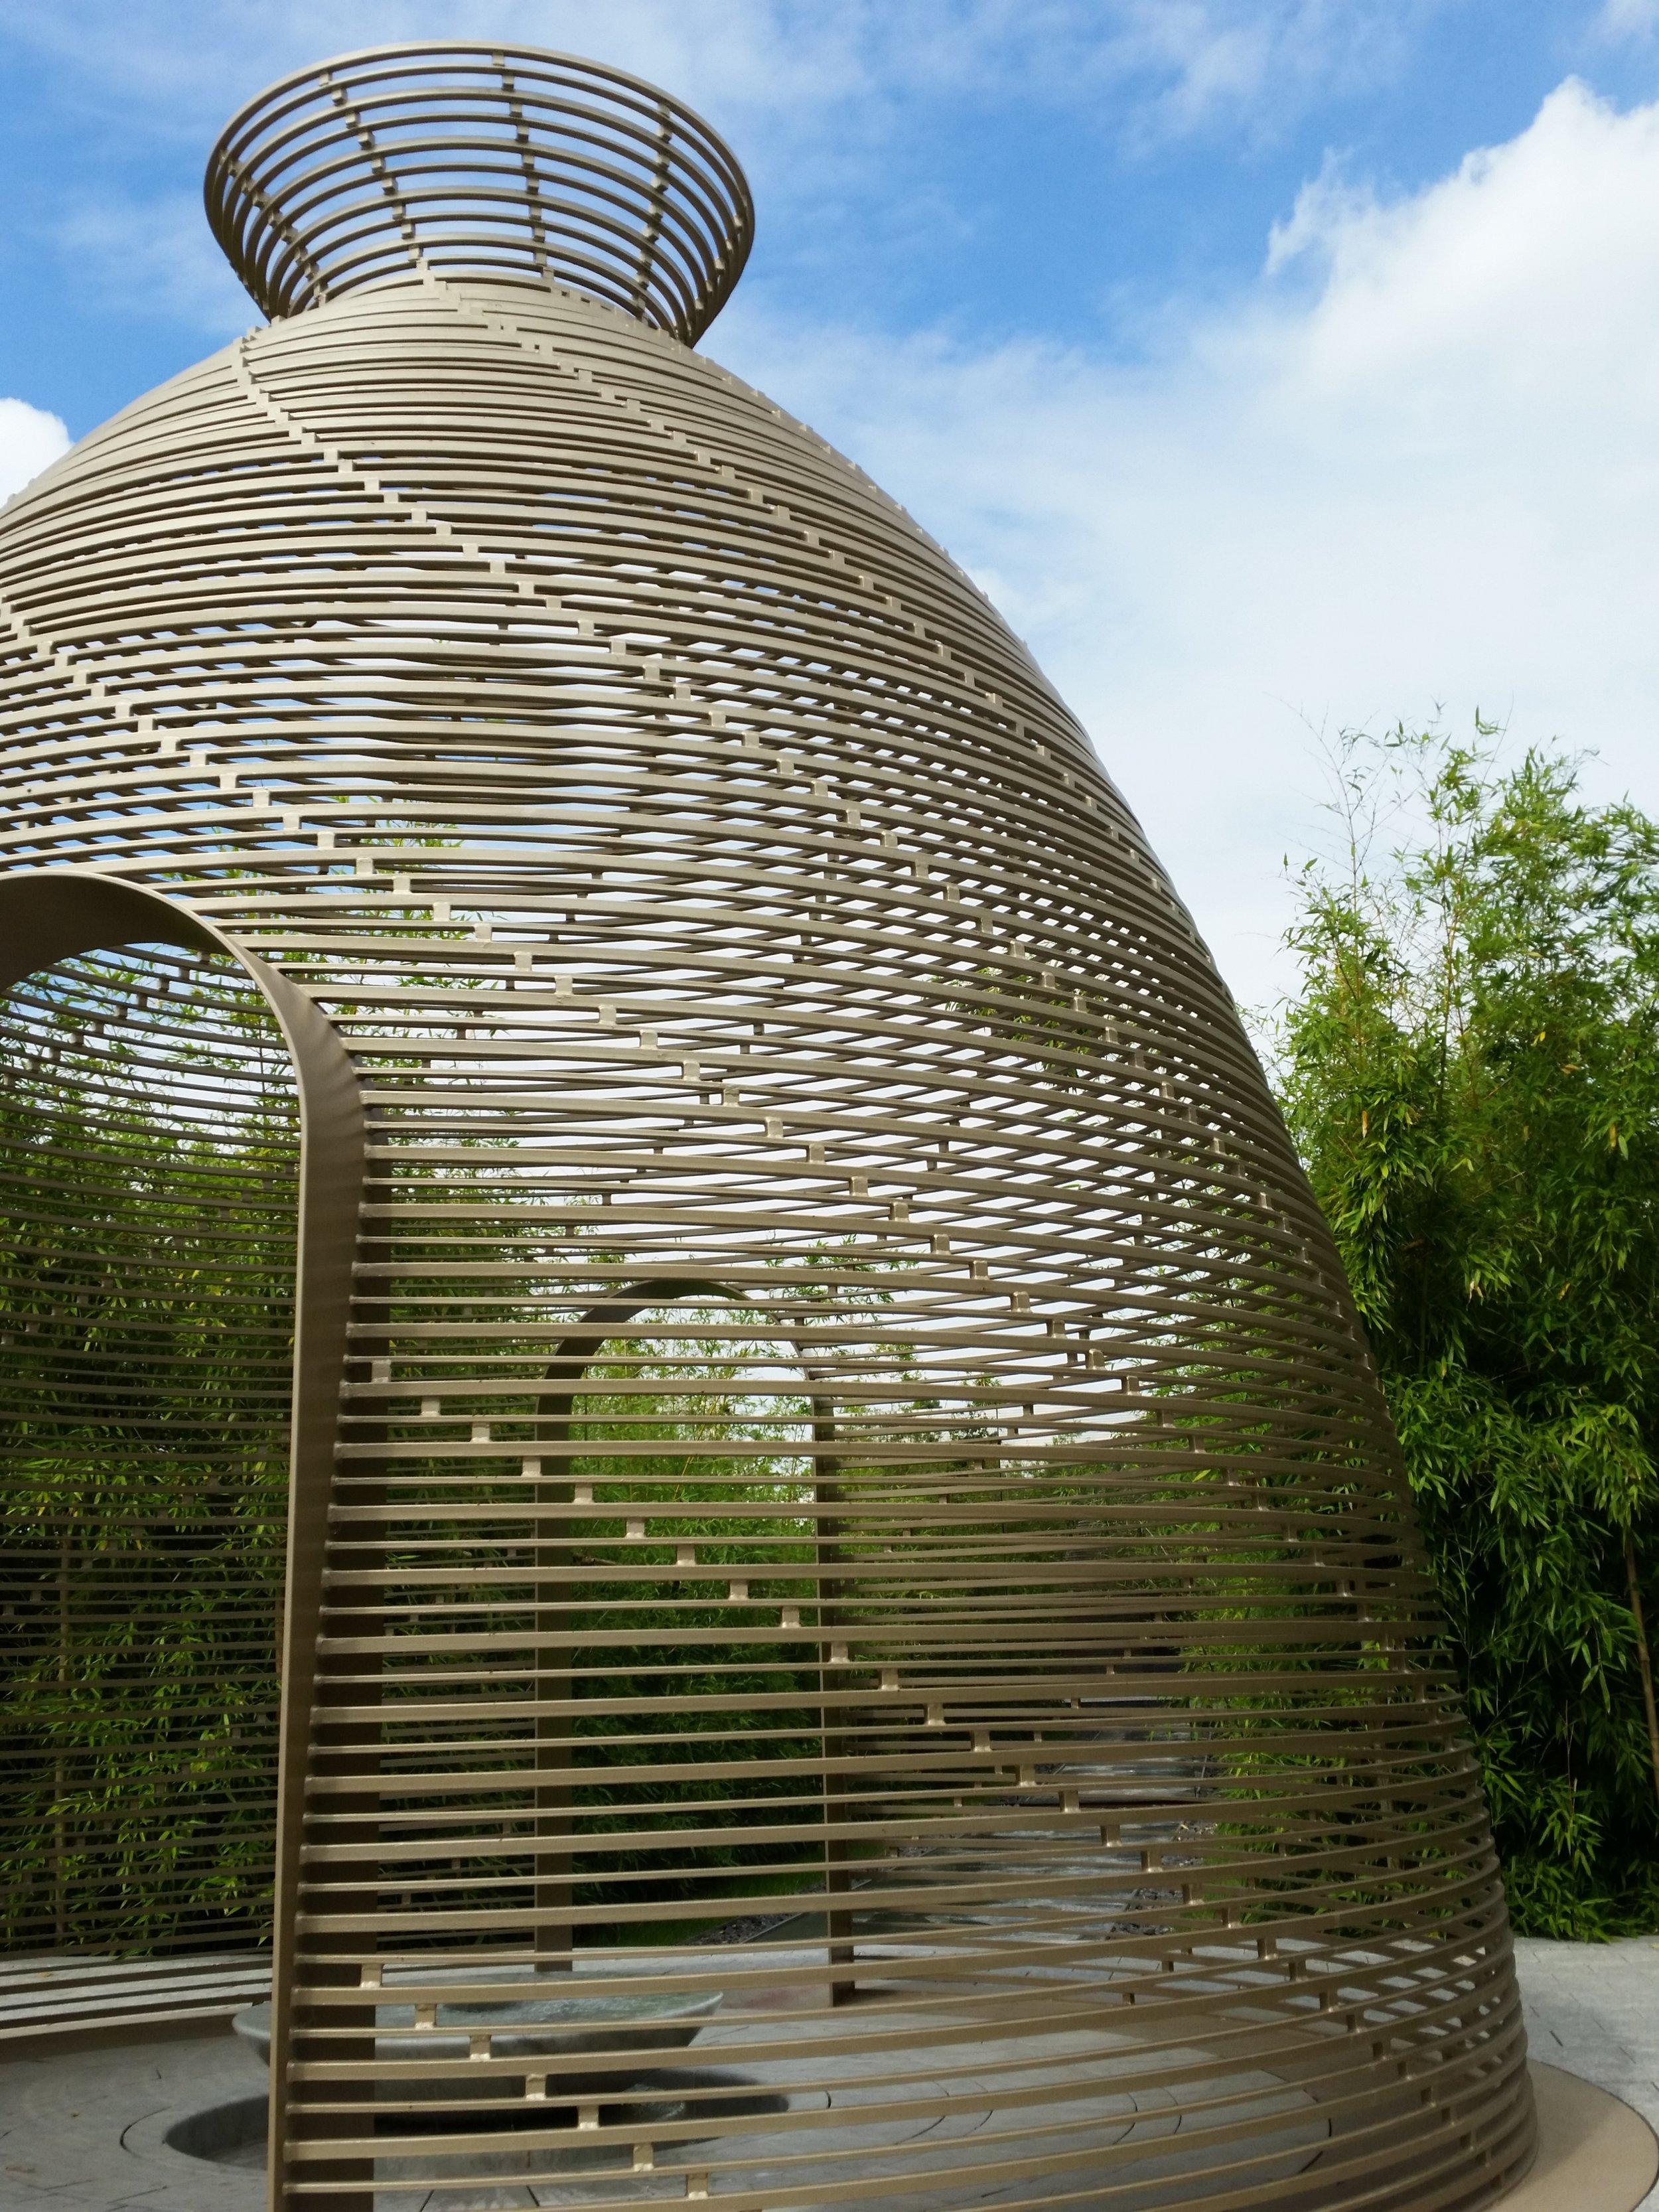 Vogelkäfig made in China. Quelle: Sash